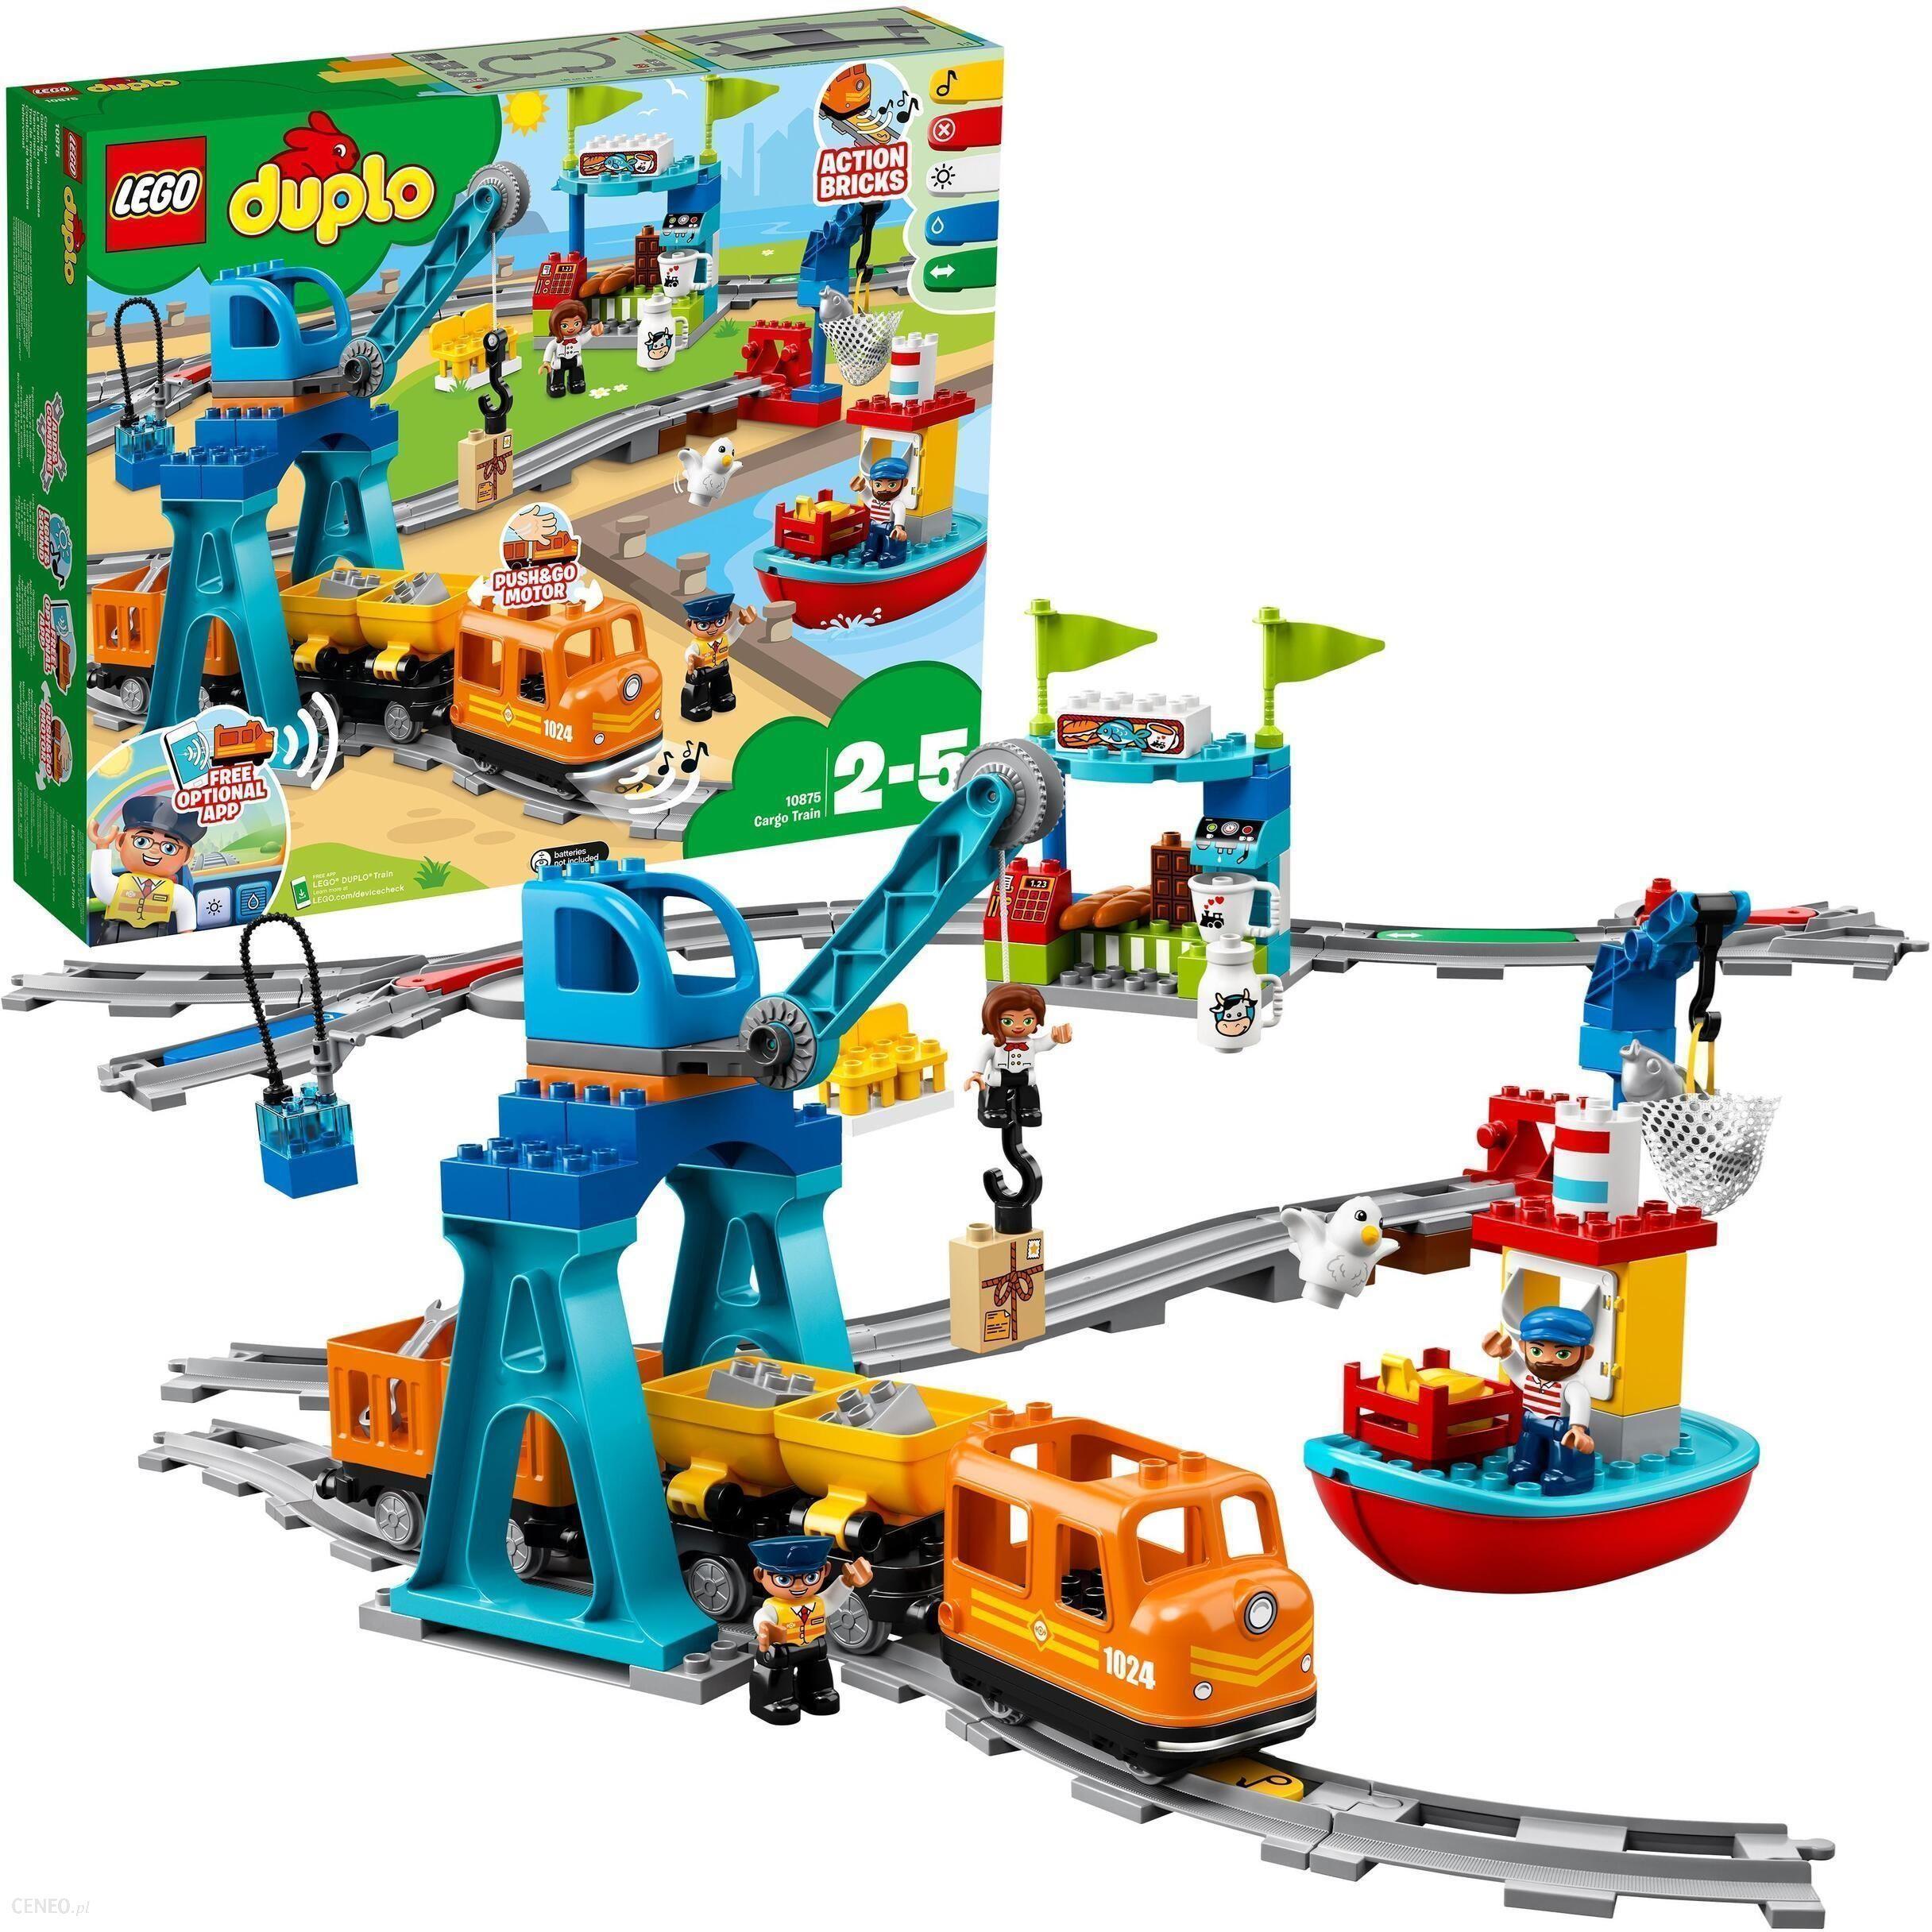 Klocki Lego Duplo Pociąg Towarowy 10875 Wrocław Sklepy Ceny I